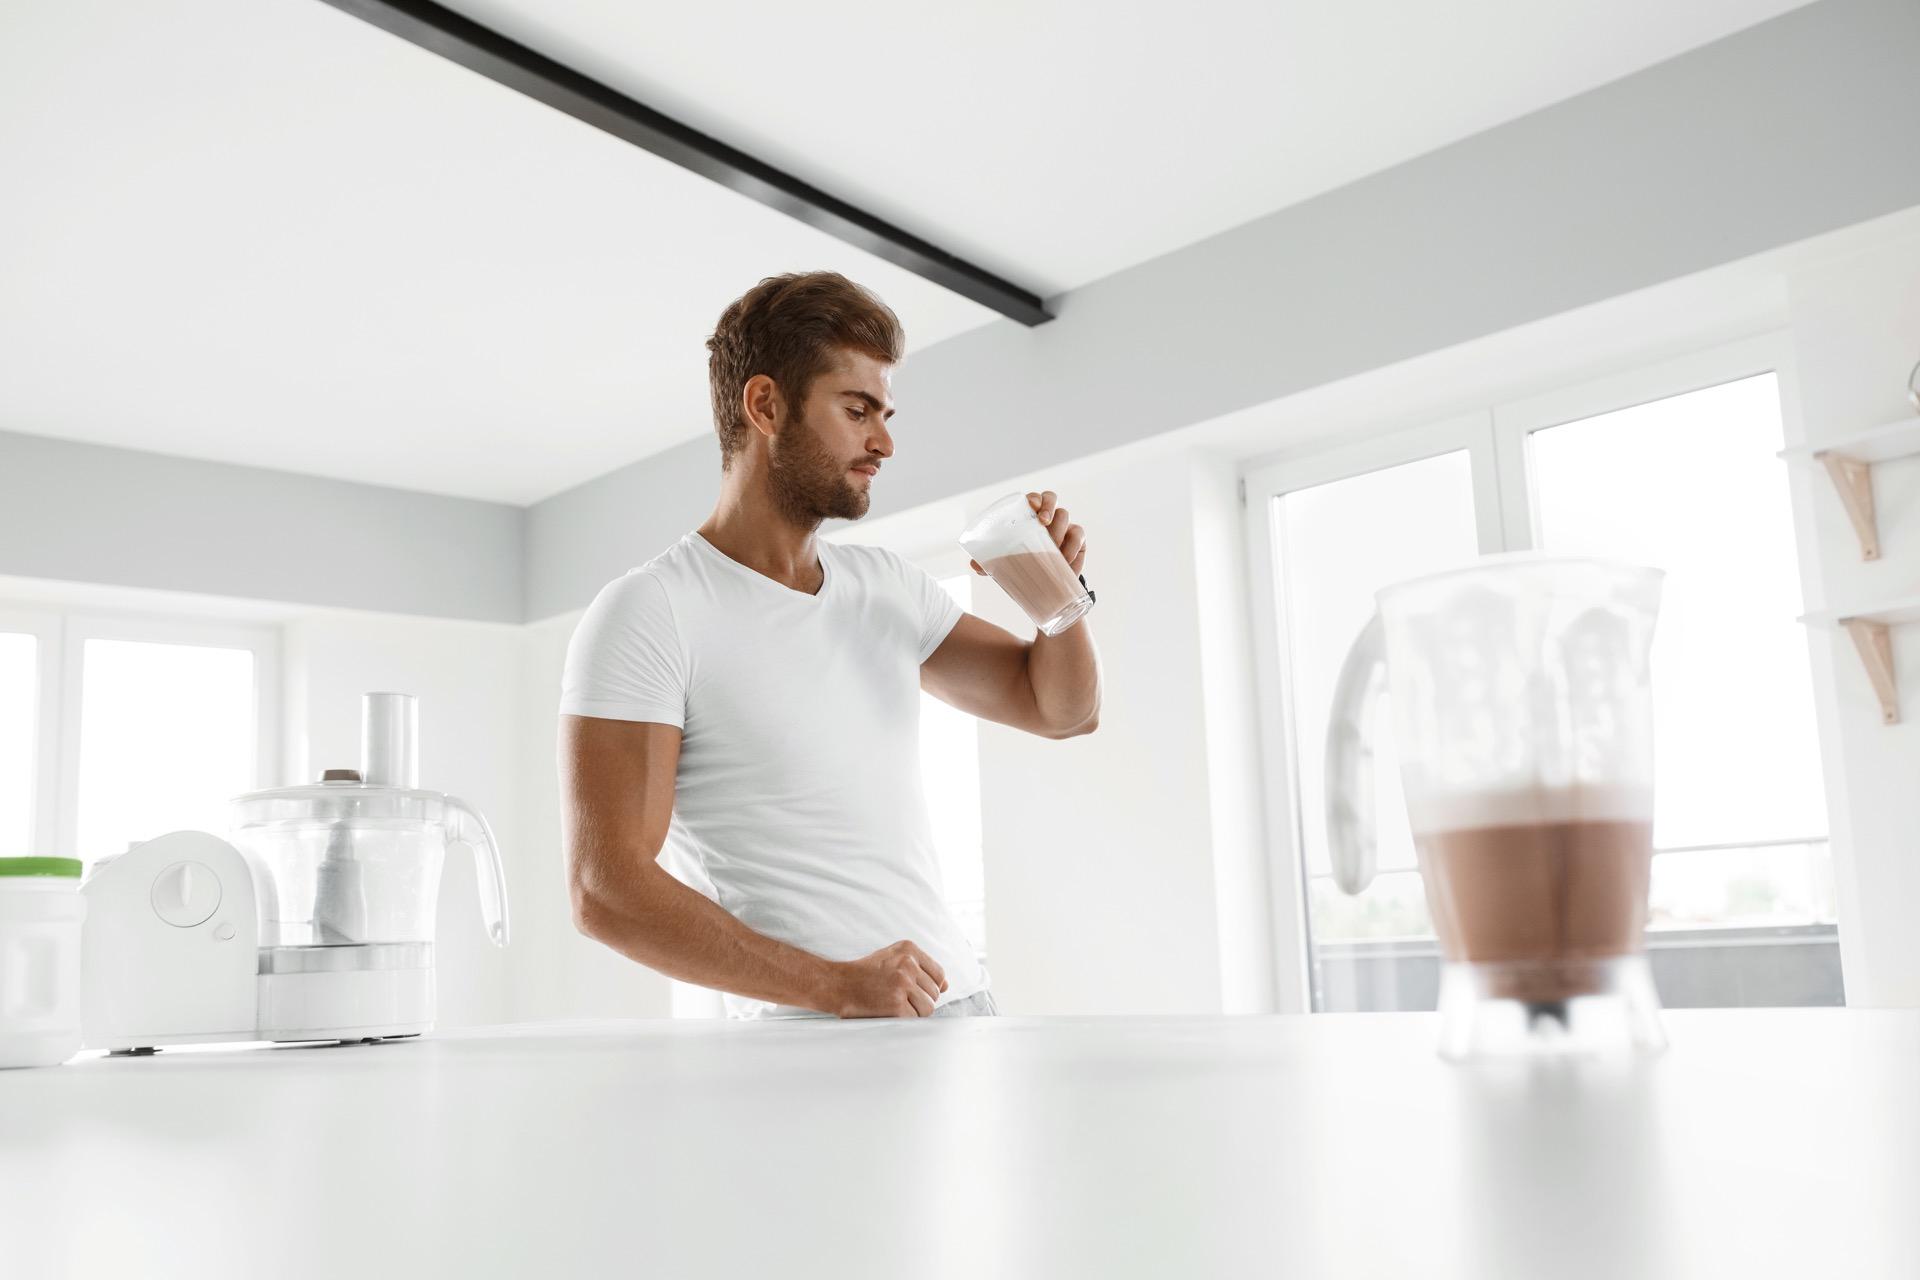 Proteinpulver er et bra supplement til vanlig sunn kost, men skal ikke erstatte de vanlige måltidene dine.